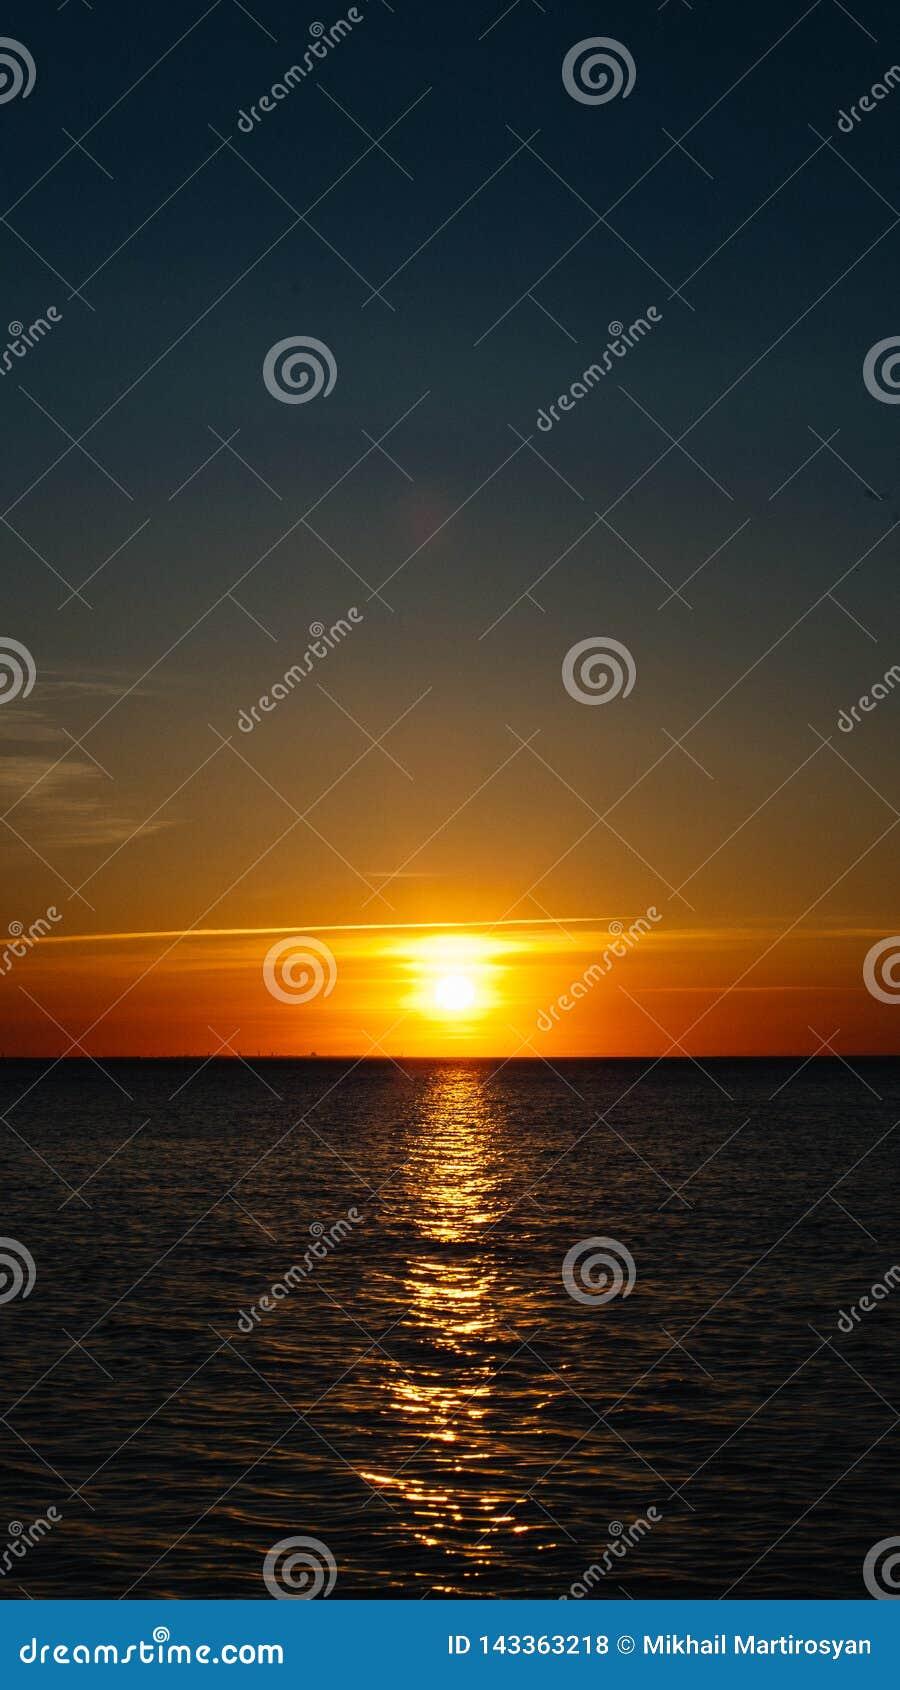 Solnedgång eller gryning på havet Black Sea kust Mobil Screensaver, vertikal orientering, naturtapet Härliga färger, Marine Theme